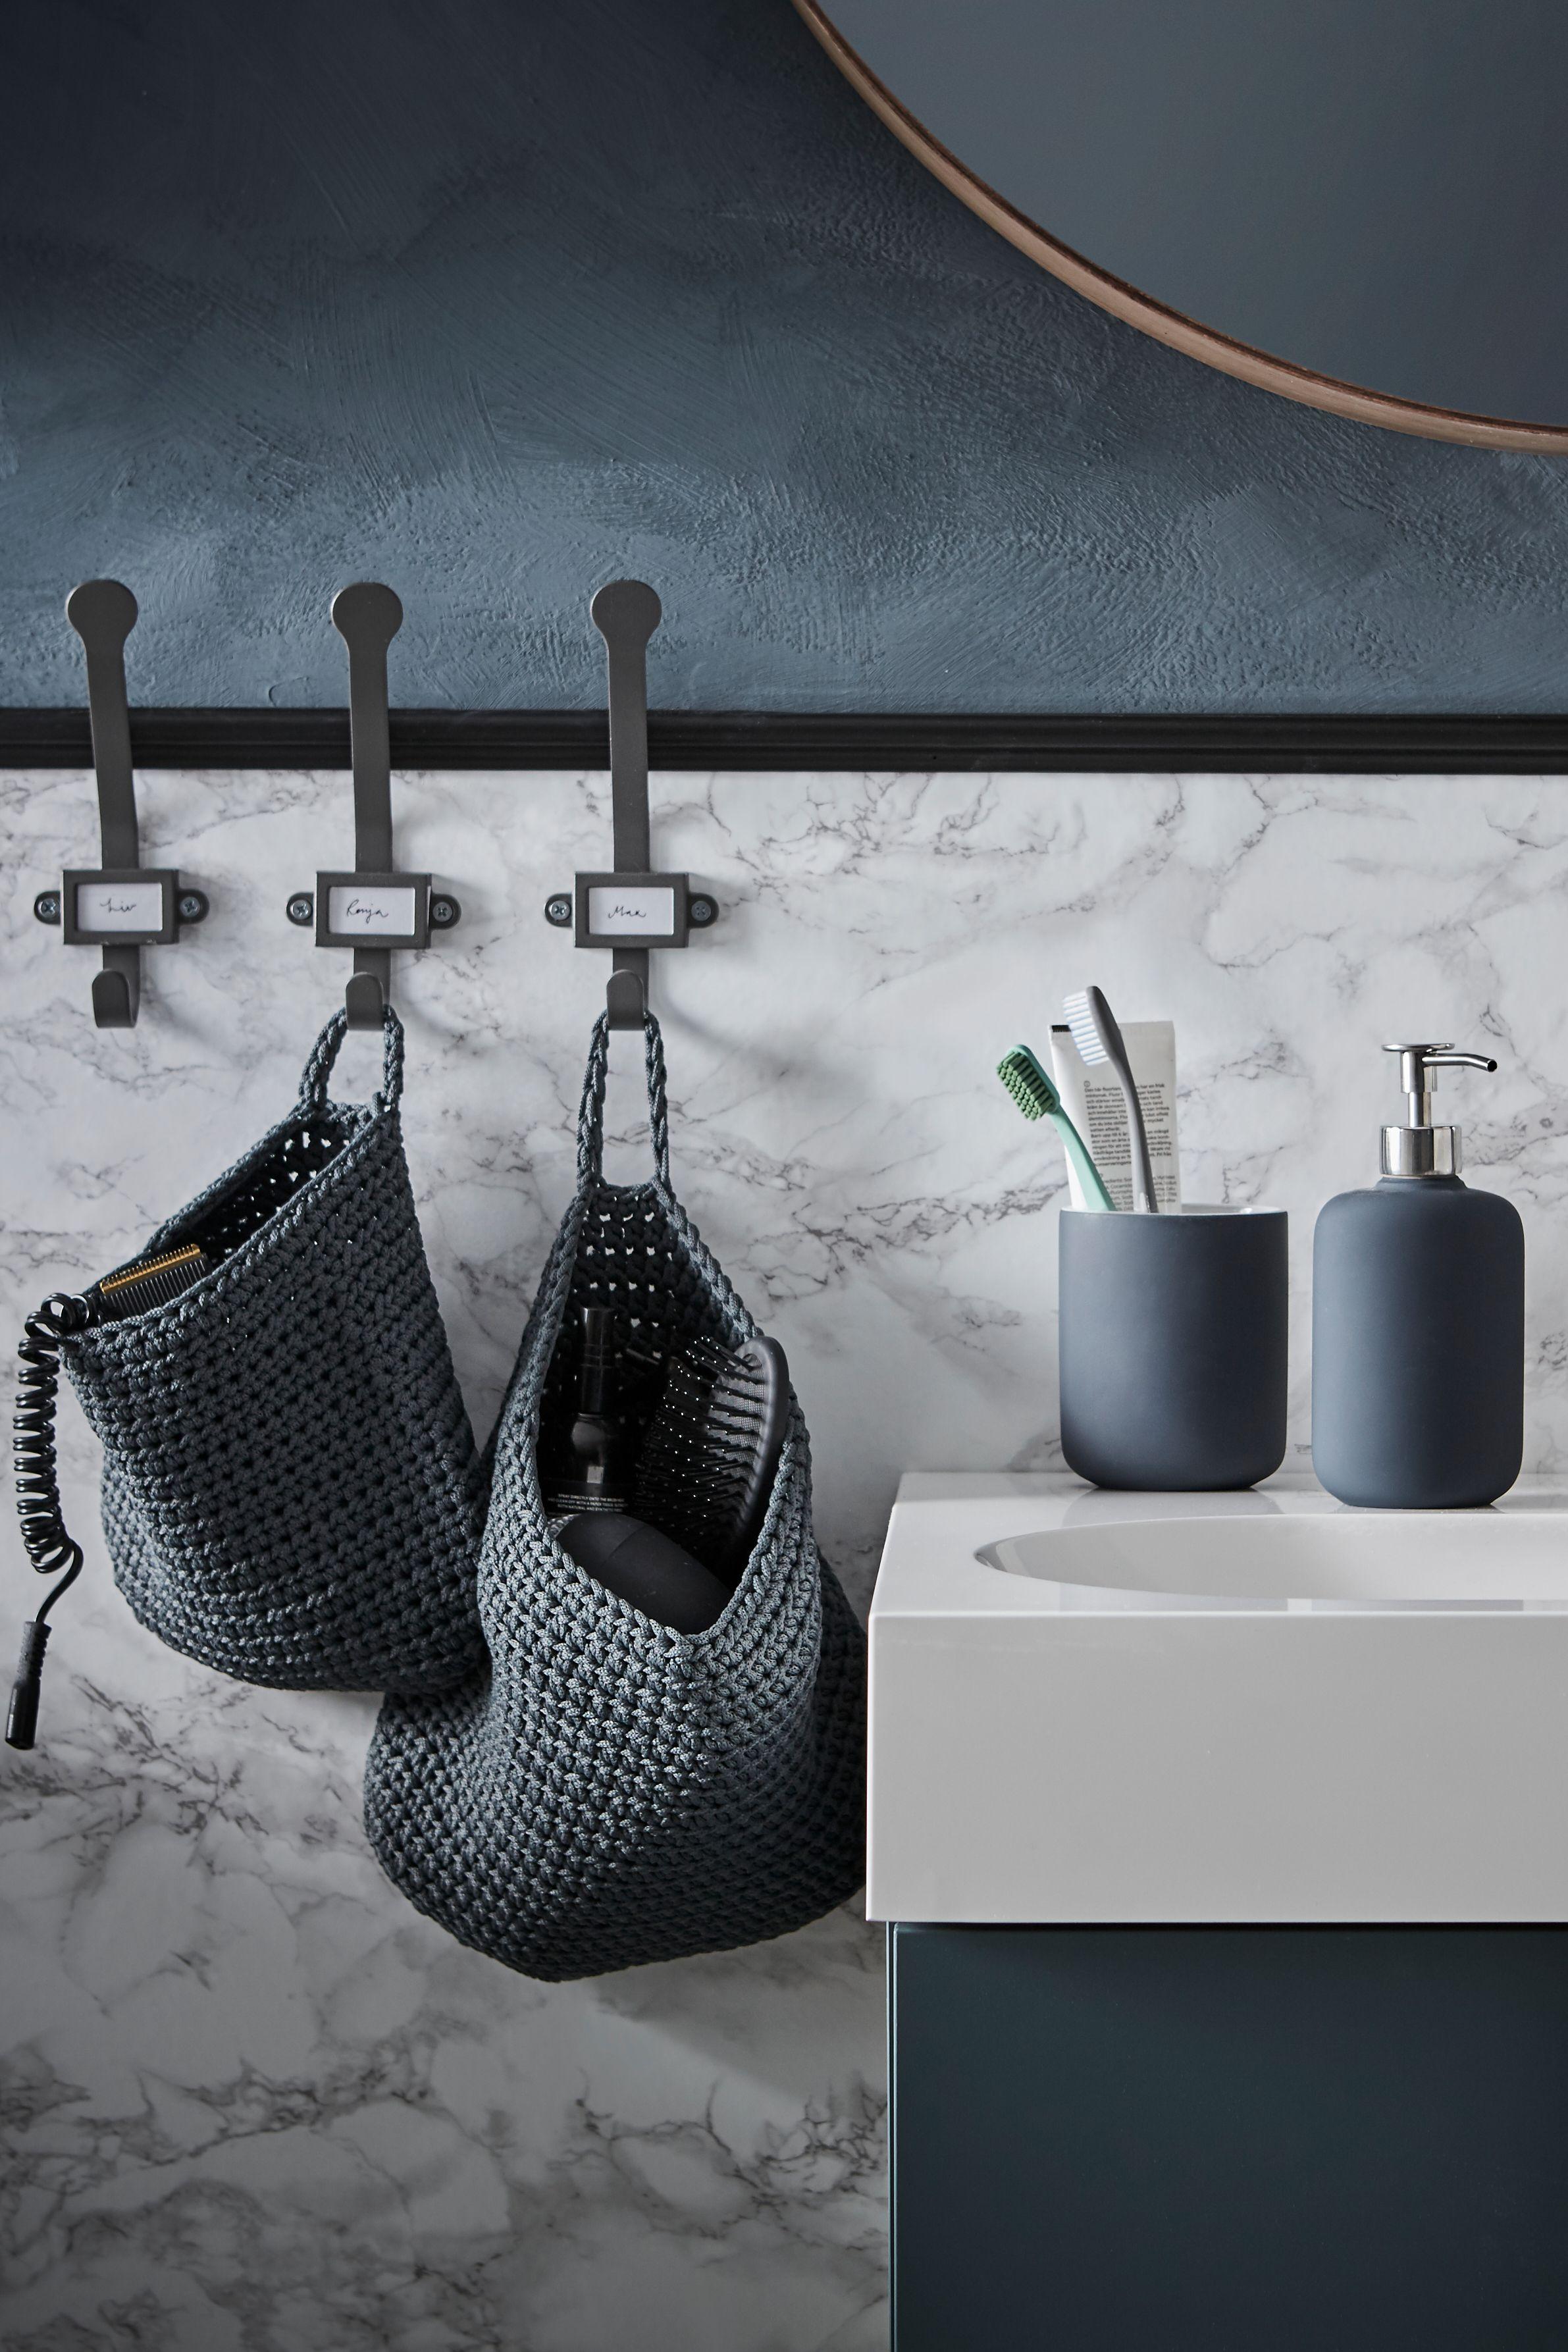 Mobel Einrichtungsideen Fur Dein Zuhause Bad Einrichten Bad Badezimmer Accessoires